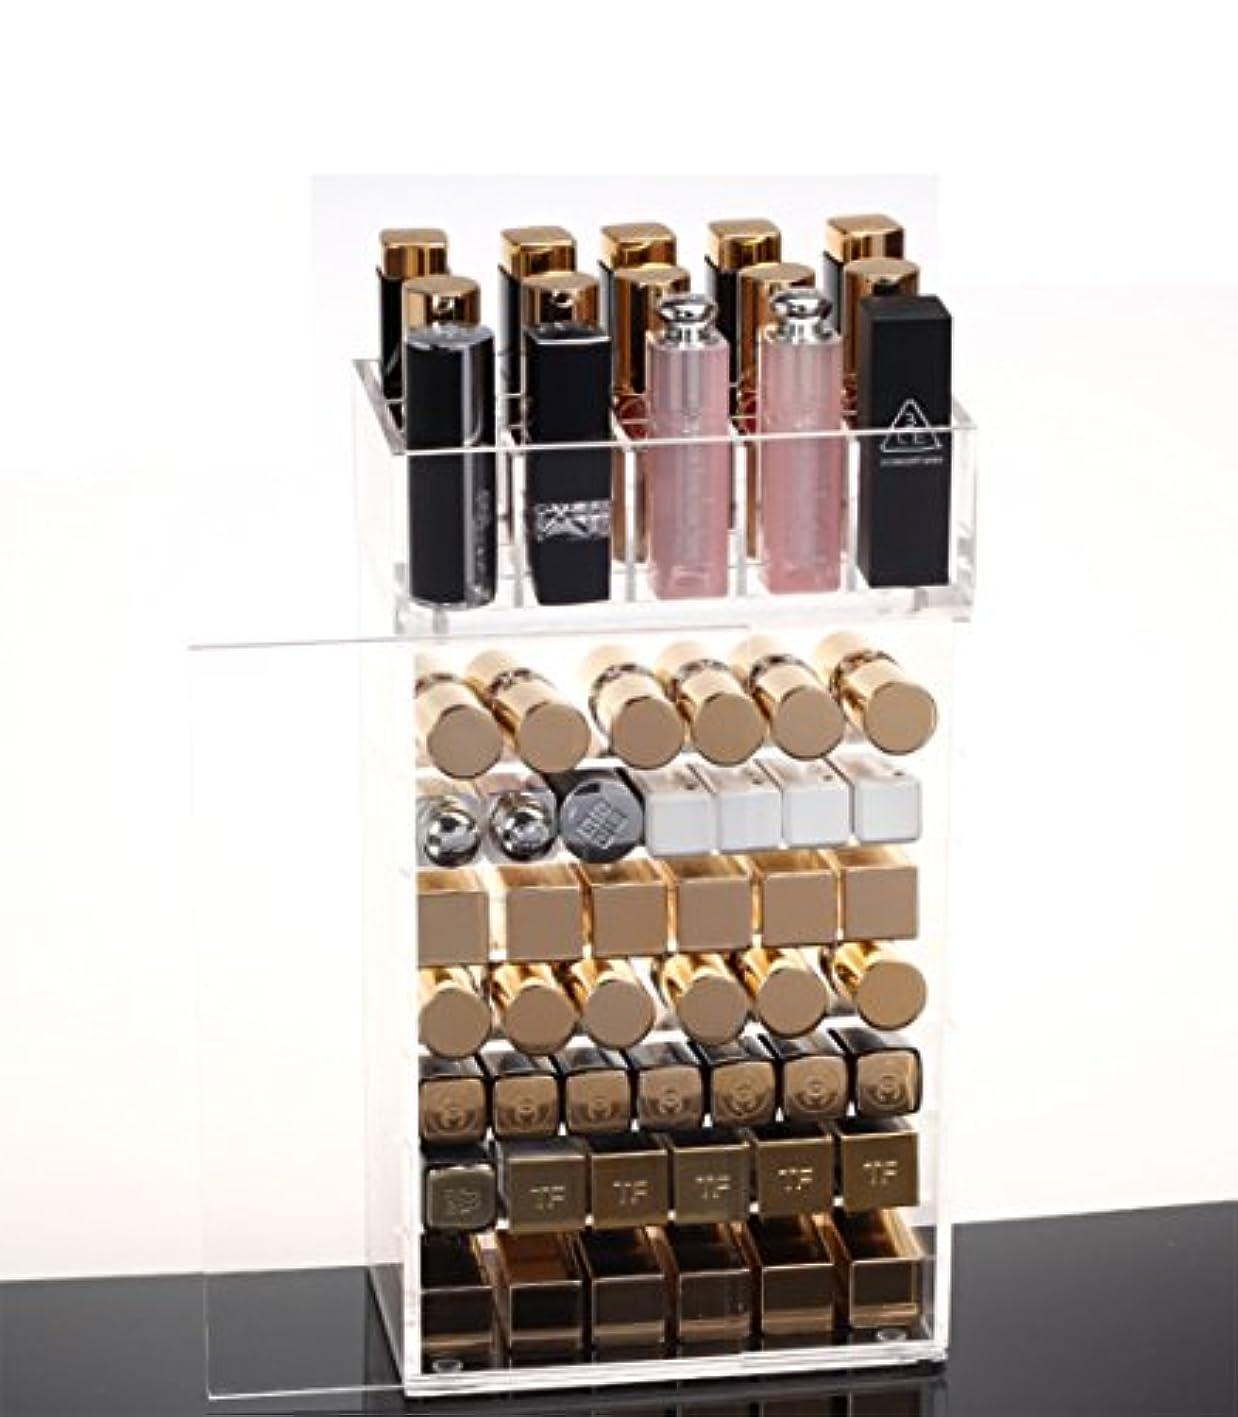 有益な。損なうSZTulip 化粧品収納ボックス メイクケース メイクボックス 口紅収納 ネイルカラー小物入れ レディース  透明アクリル 防塵ドア付き コスメボックス